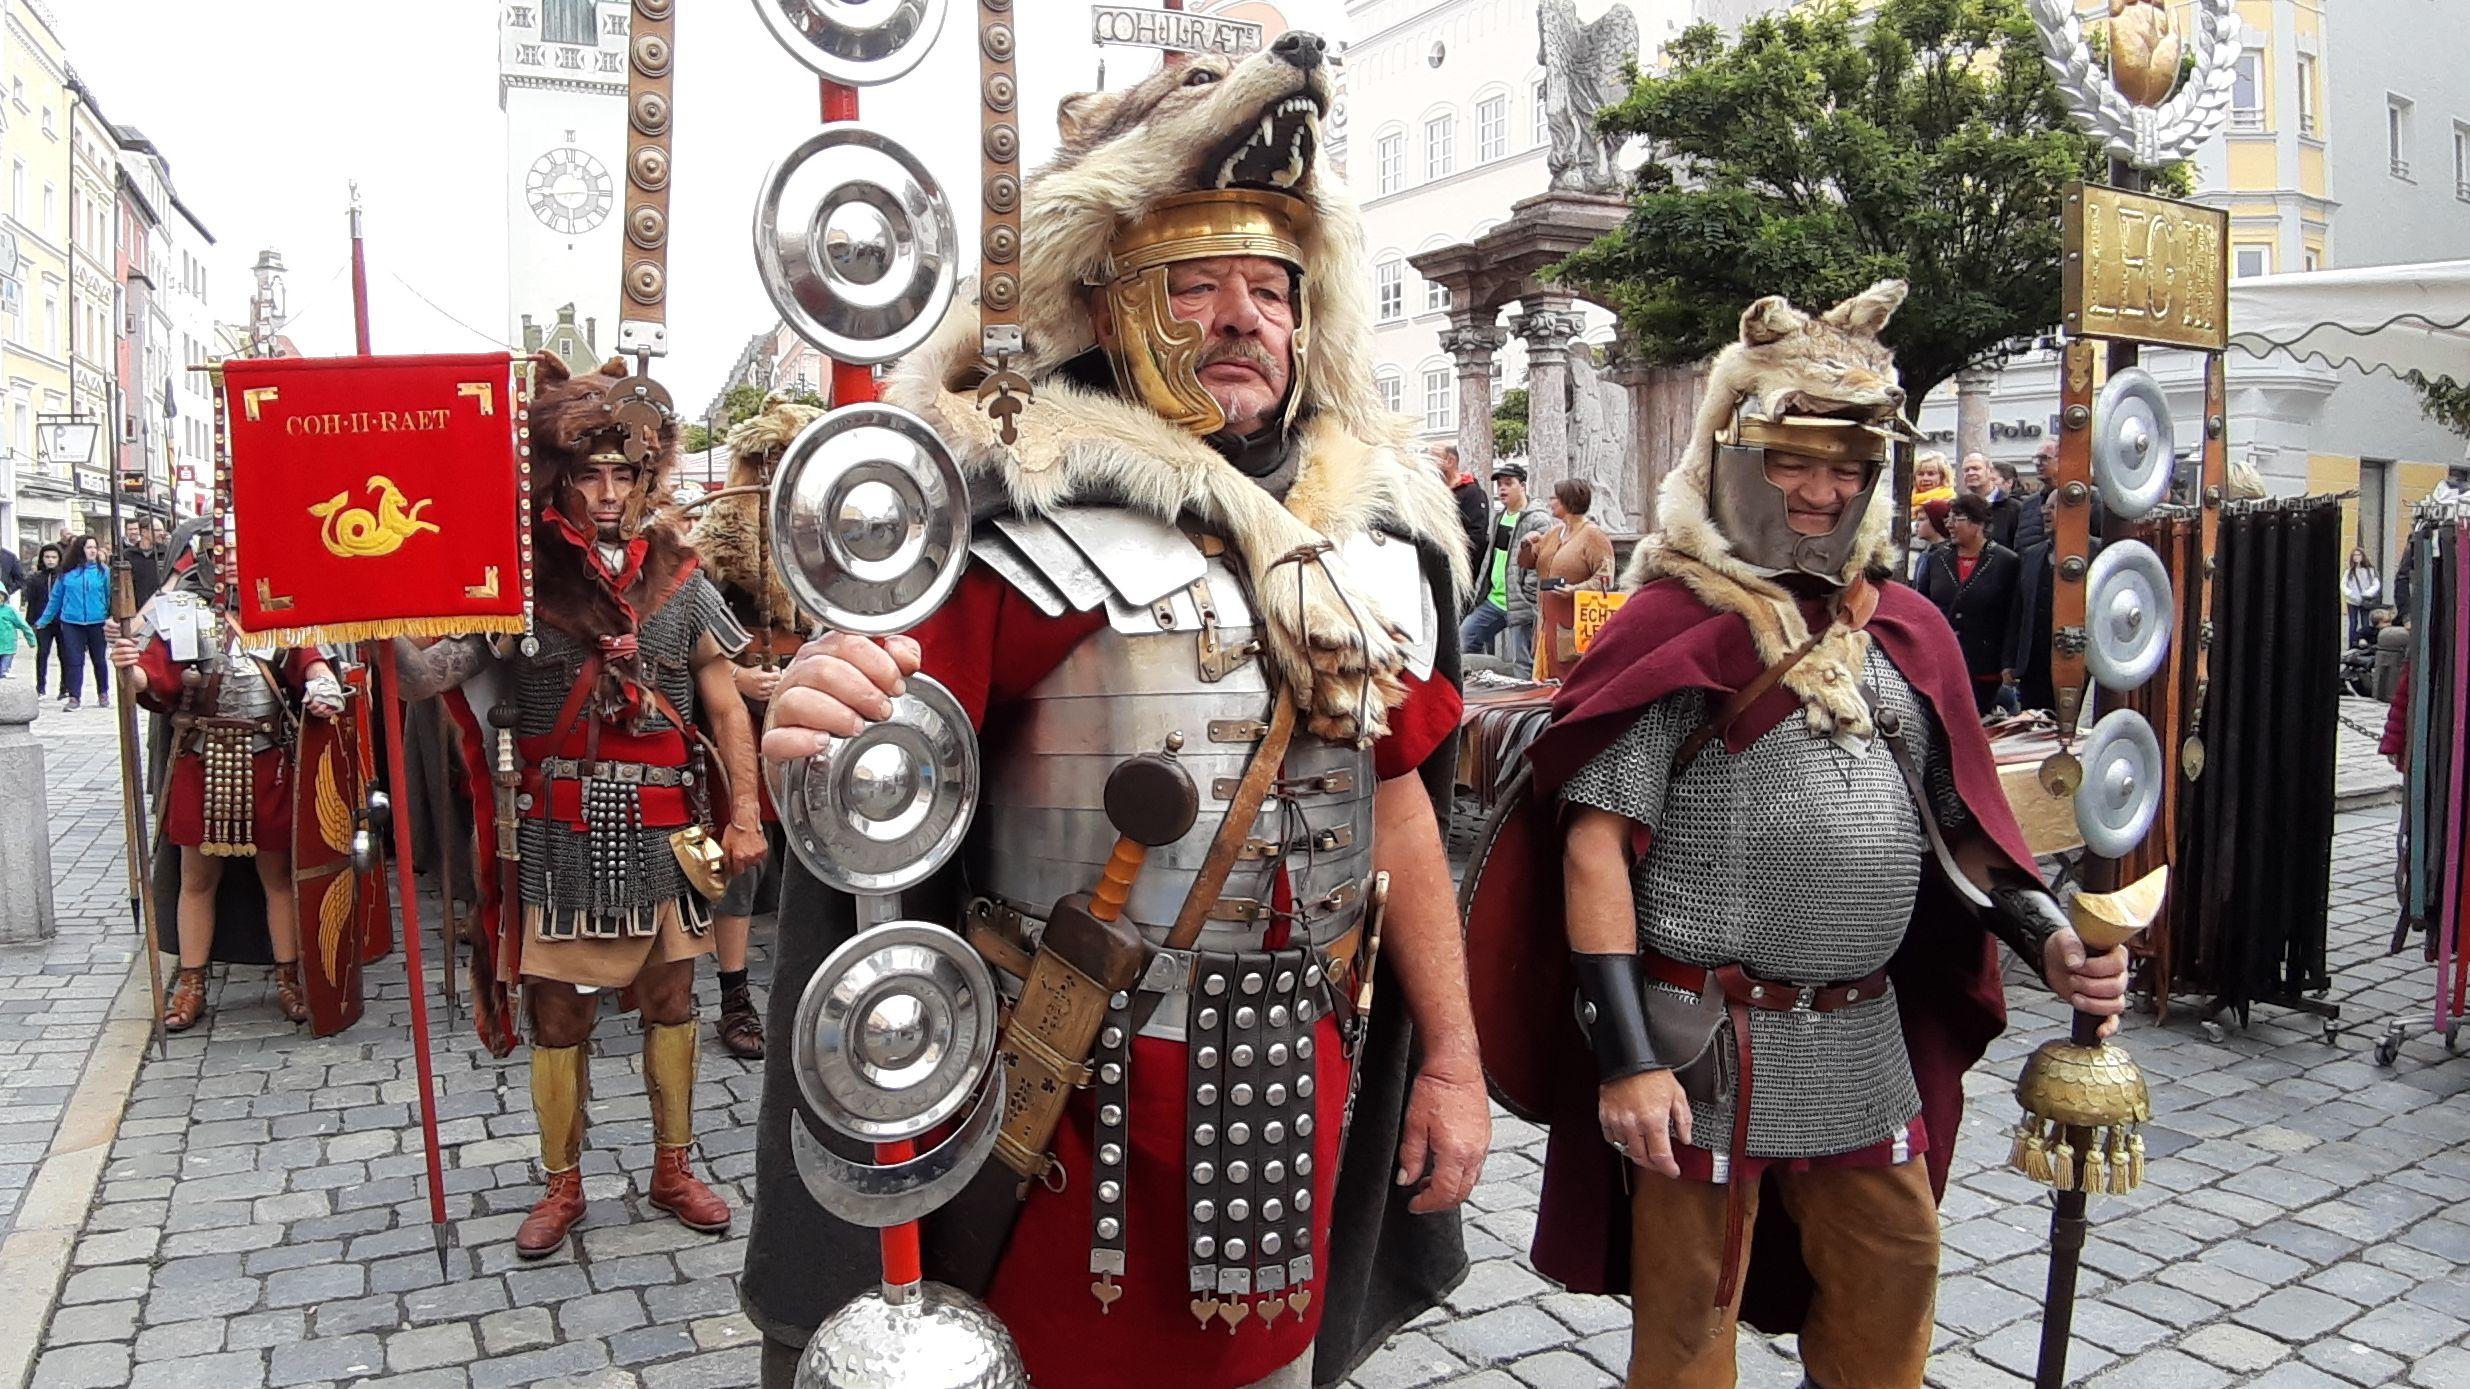 Römische Soldaten sind am Wochenende in die Straubinger Innenstadt eingezogen und lockten Hunderte Besucher an.